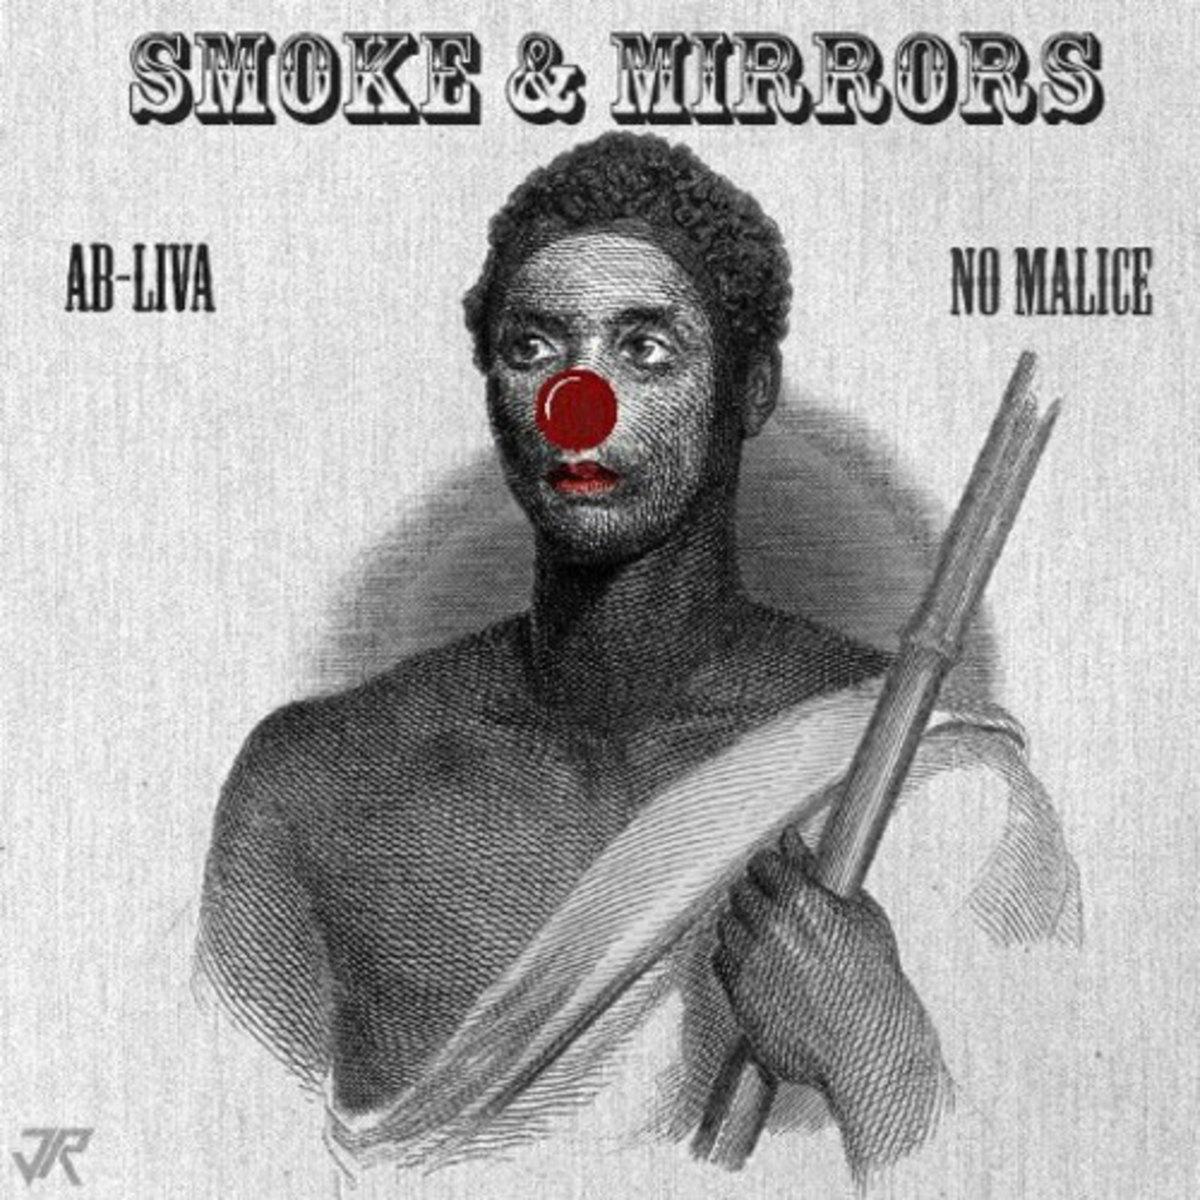 nomalice-smokemirrors.jpg